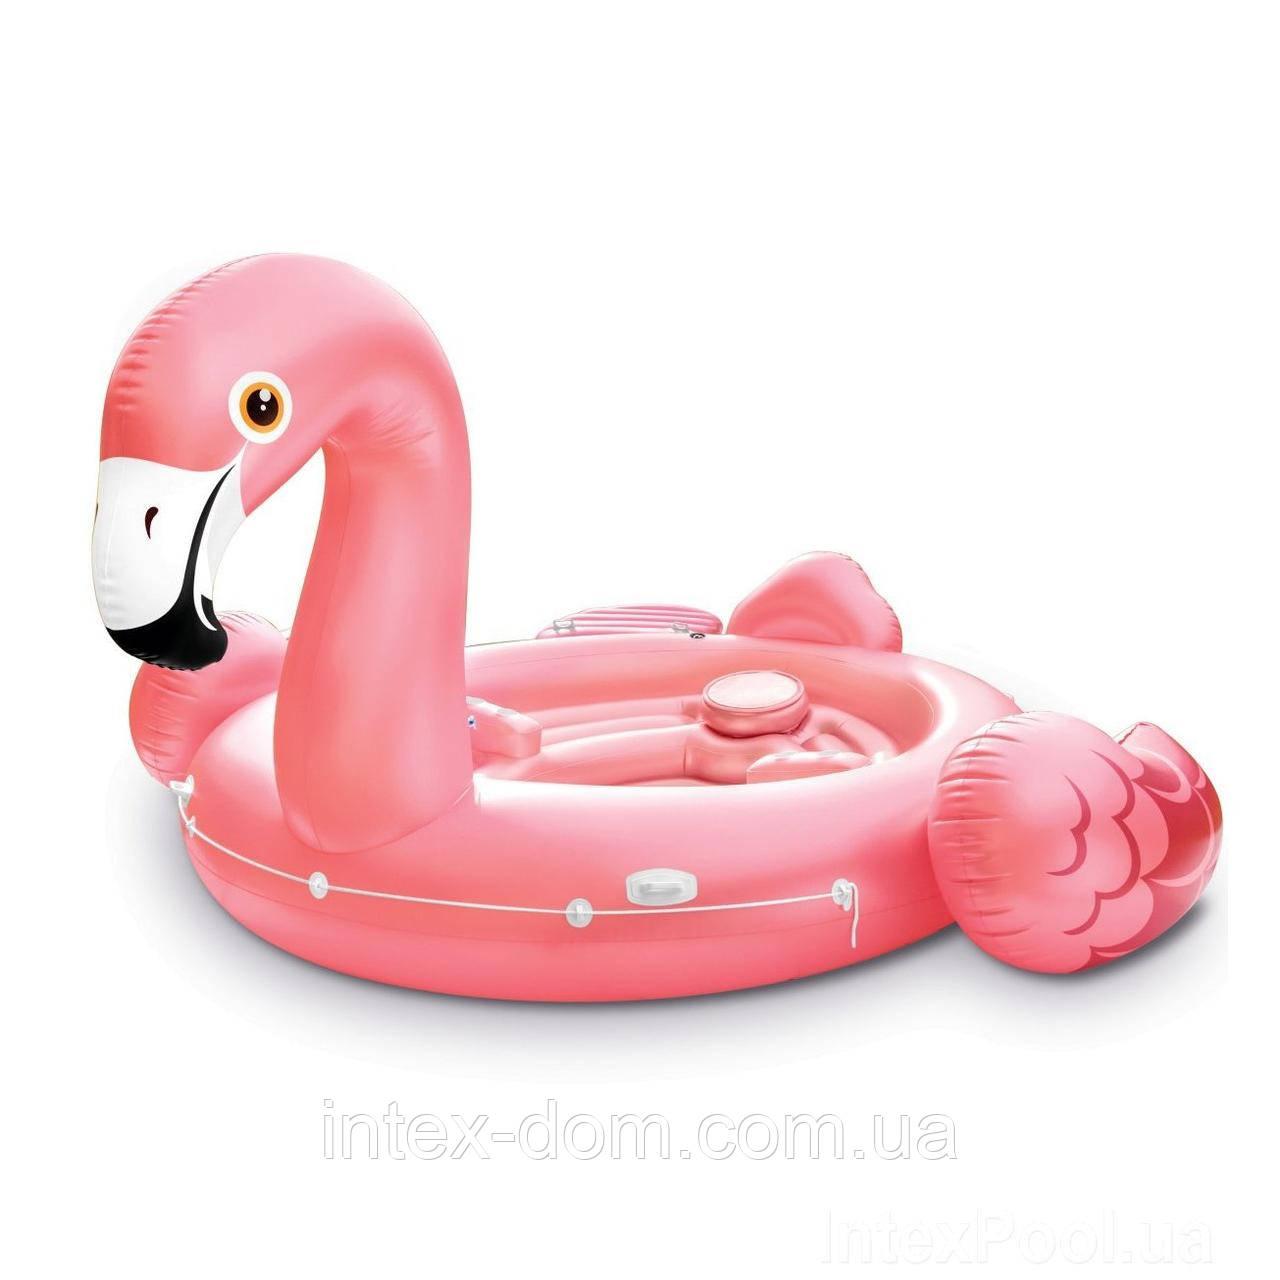 Пляжный надувной остров для вечеринок Intex 57267 «Фламинго» (422 х 373 х 185 см )